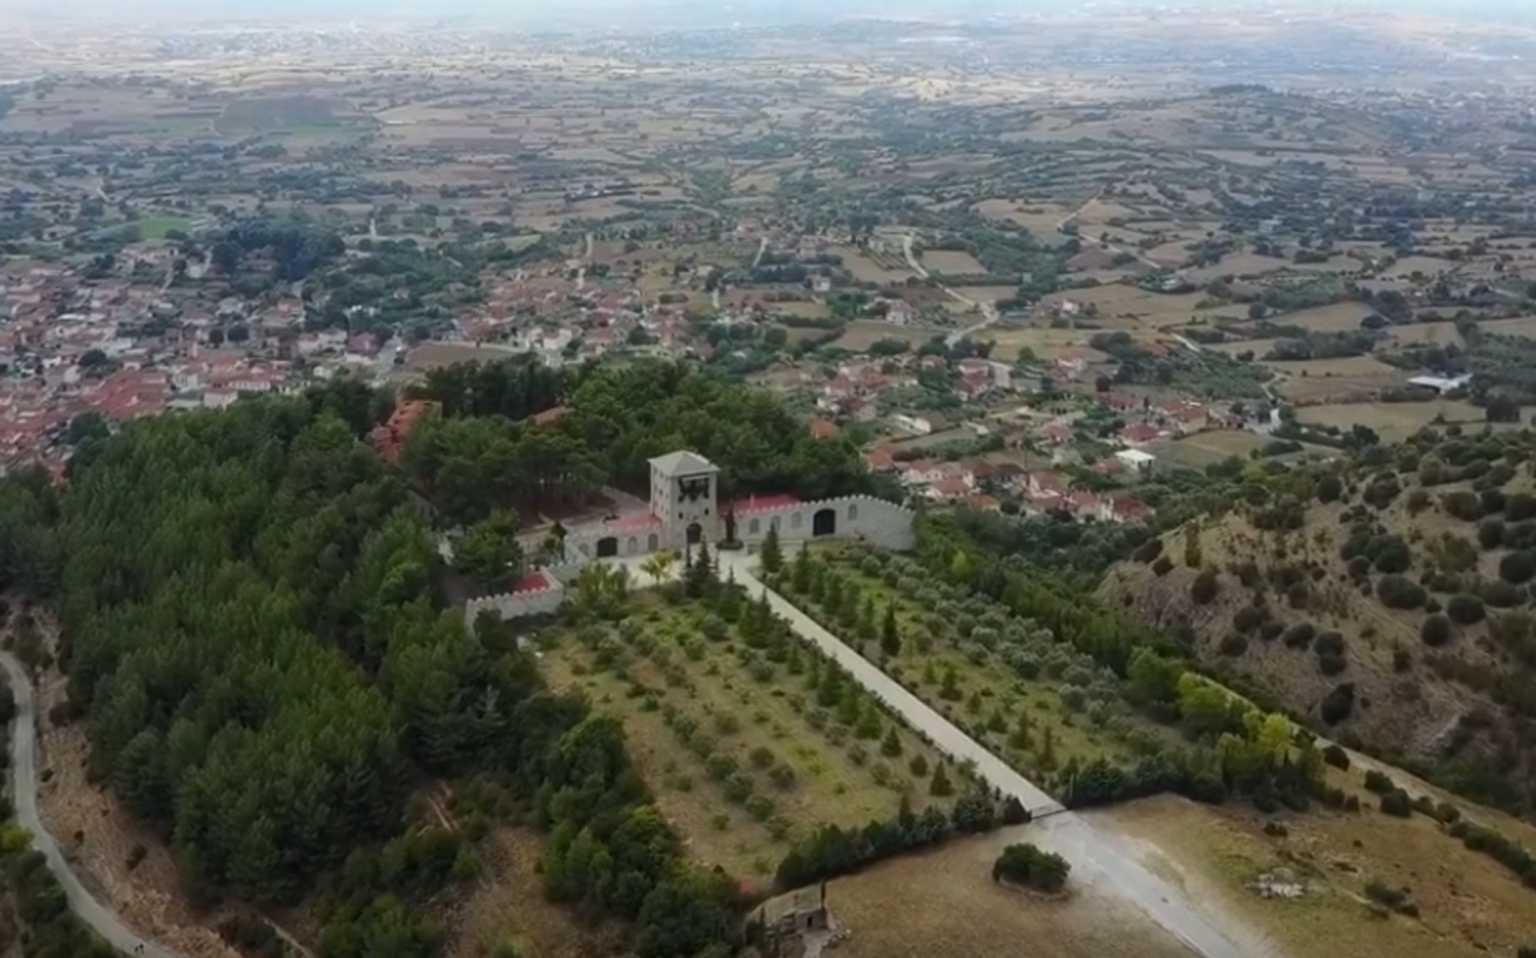 Σέρρες: Αυτό είναι το χωριό που βάζει κάμερες στις εισόδους του – «Δεν πάει άλλο με τις διαρρήξεις»